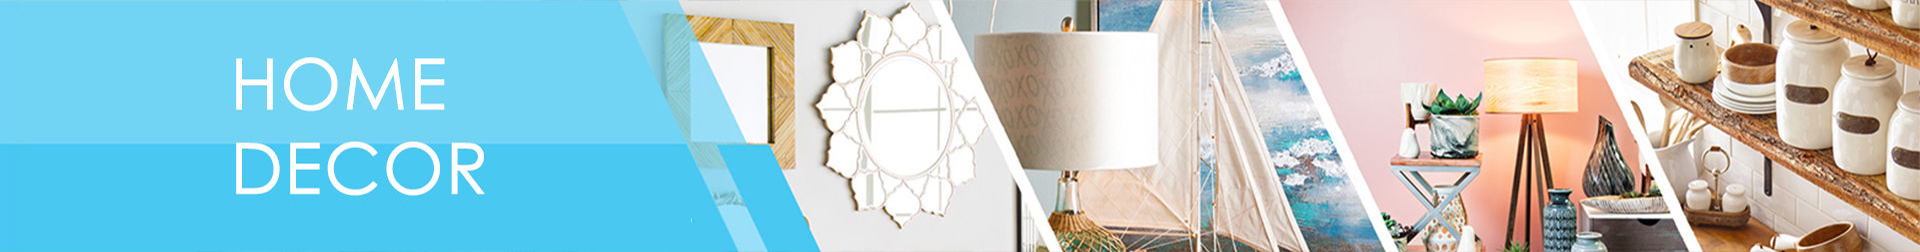 Home Décor   Buy Home Decor Items Online   AromaCraze